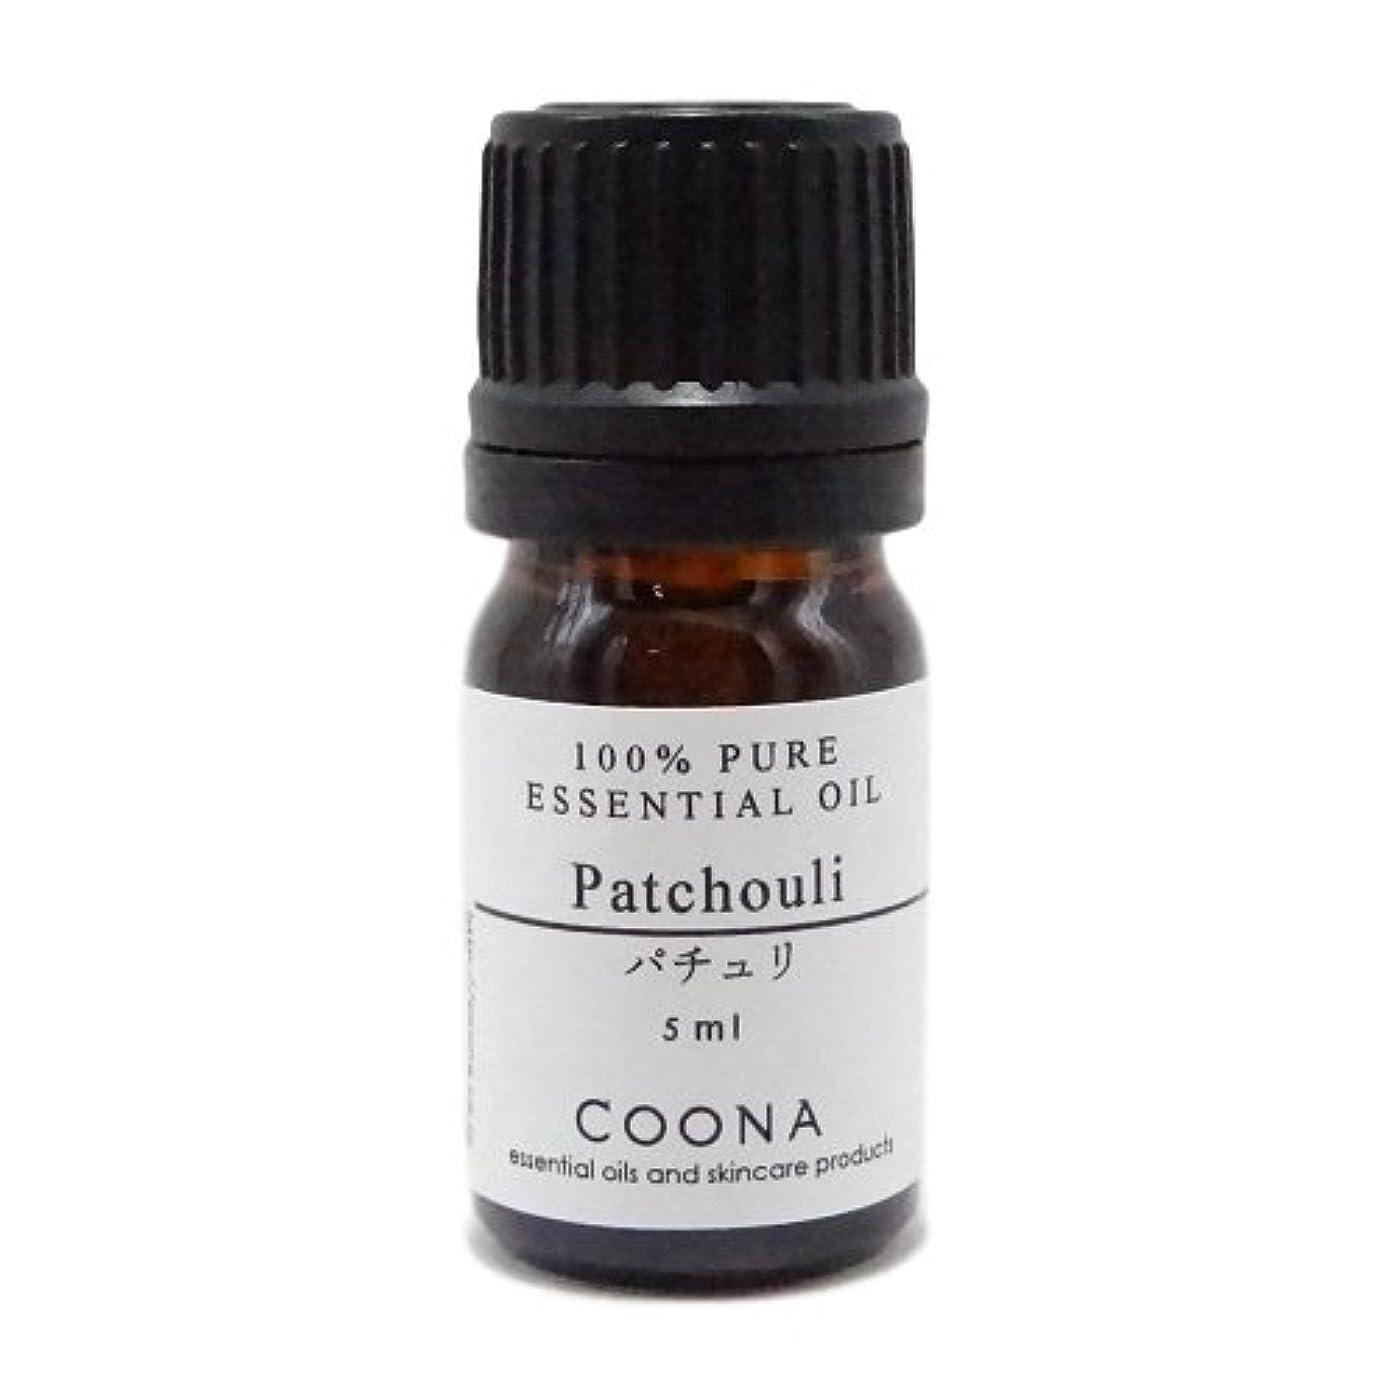 騒乱実行可能苦難パチュリ 5 ml (COONA エッセンシャルオイル アロマオイル 100%天然植物精油)